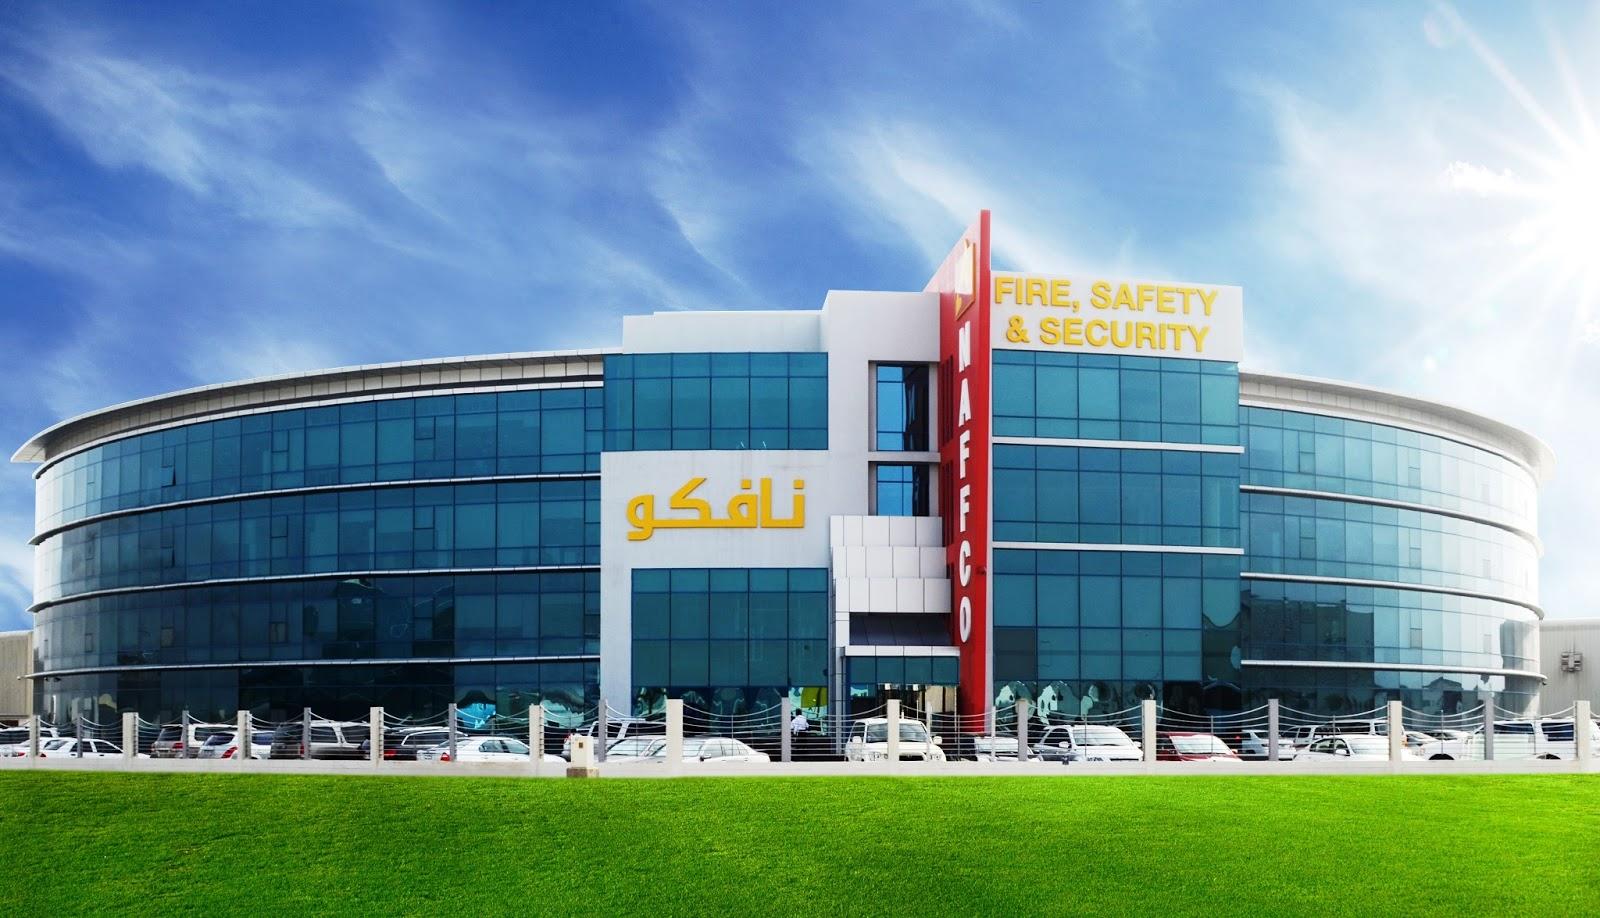 وظائف خالية فى شركة نافكو فى الإمارات 2019